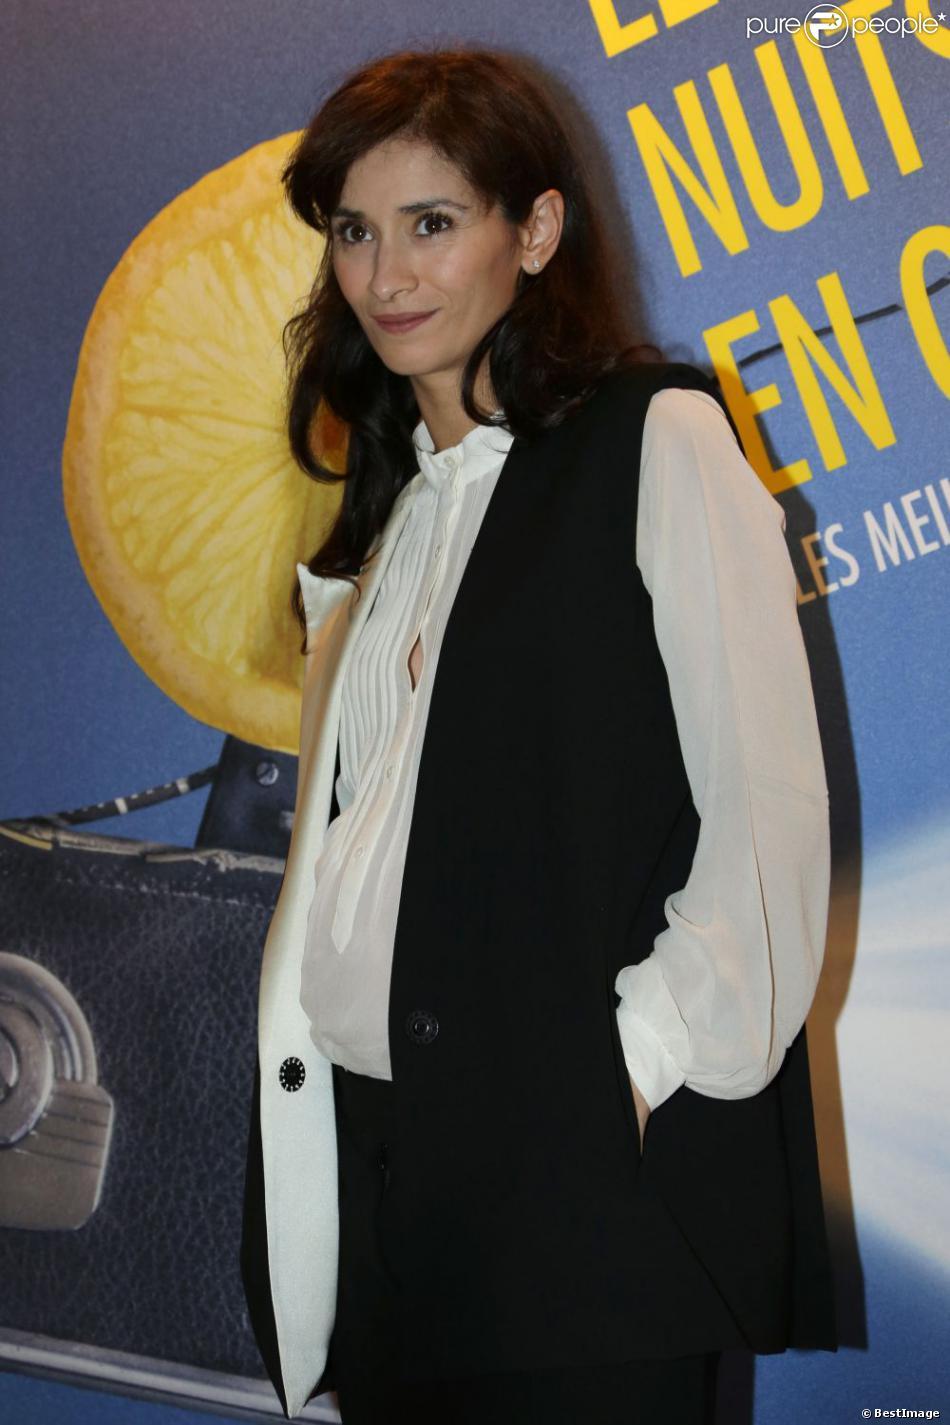 """Rachida Brakni affiche ses premières rondeurs de femme enceinte, lors du dîner de gala """"Les Nuits en Or 2013 - Le Panorama"""" à l' UNESCO à Paris, le 17 juin 2013."""